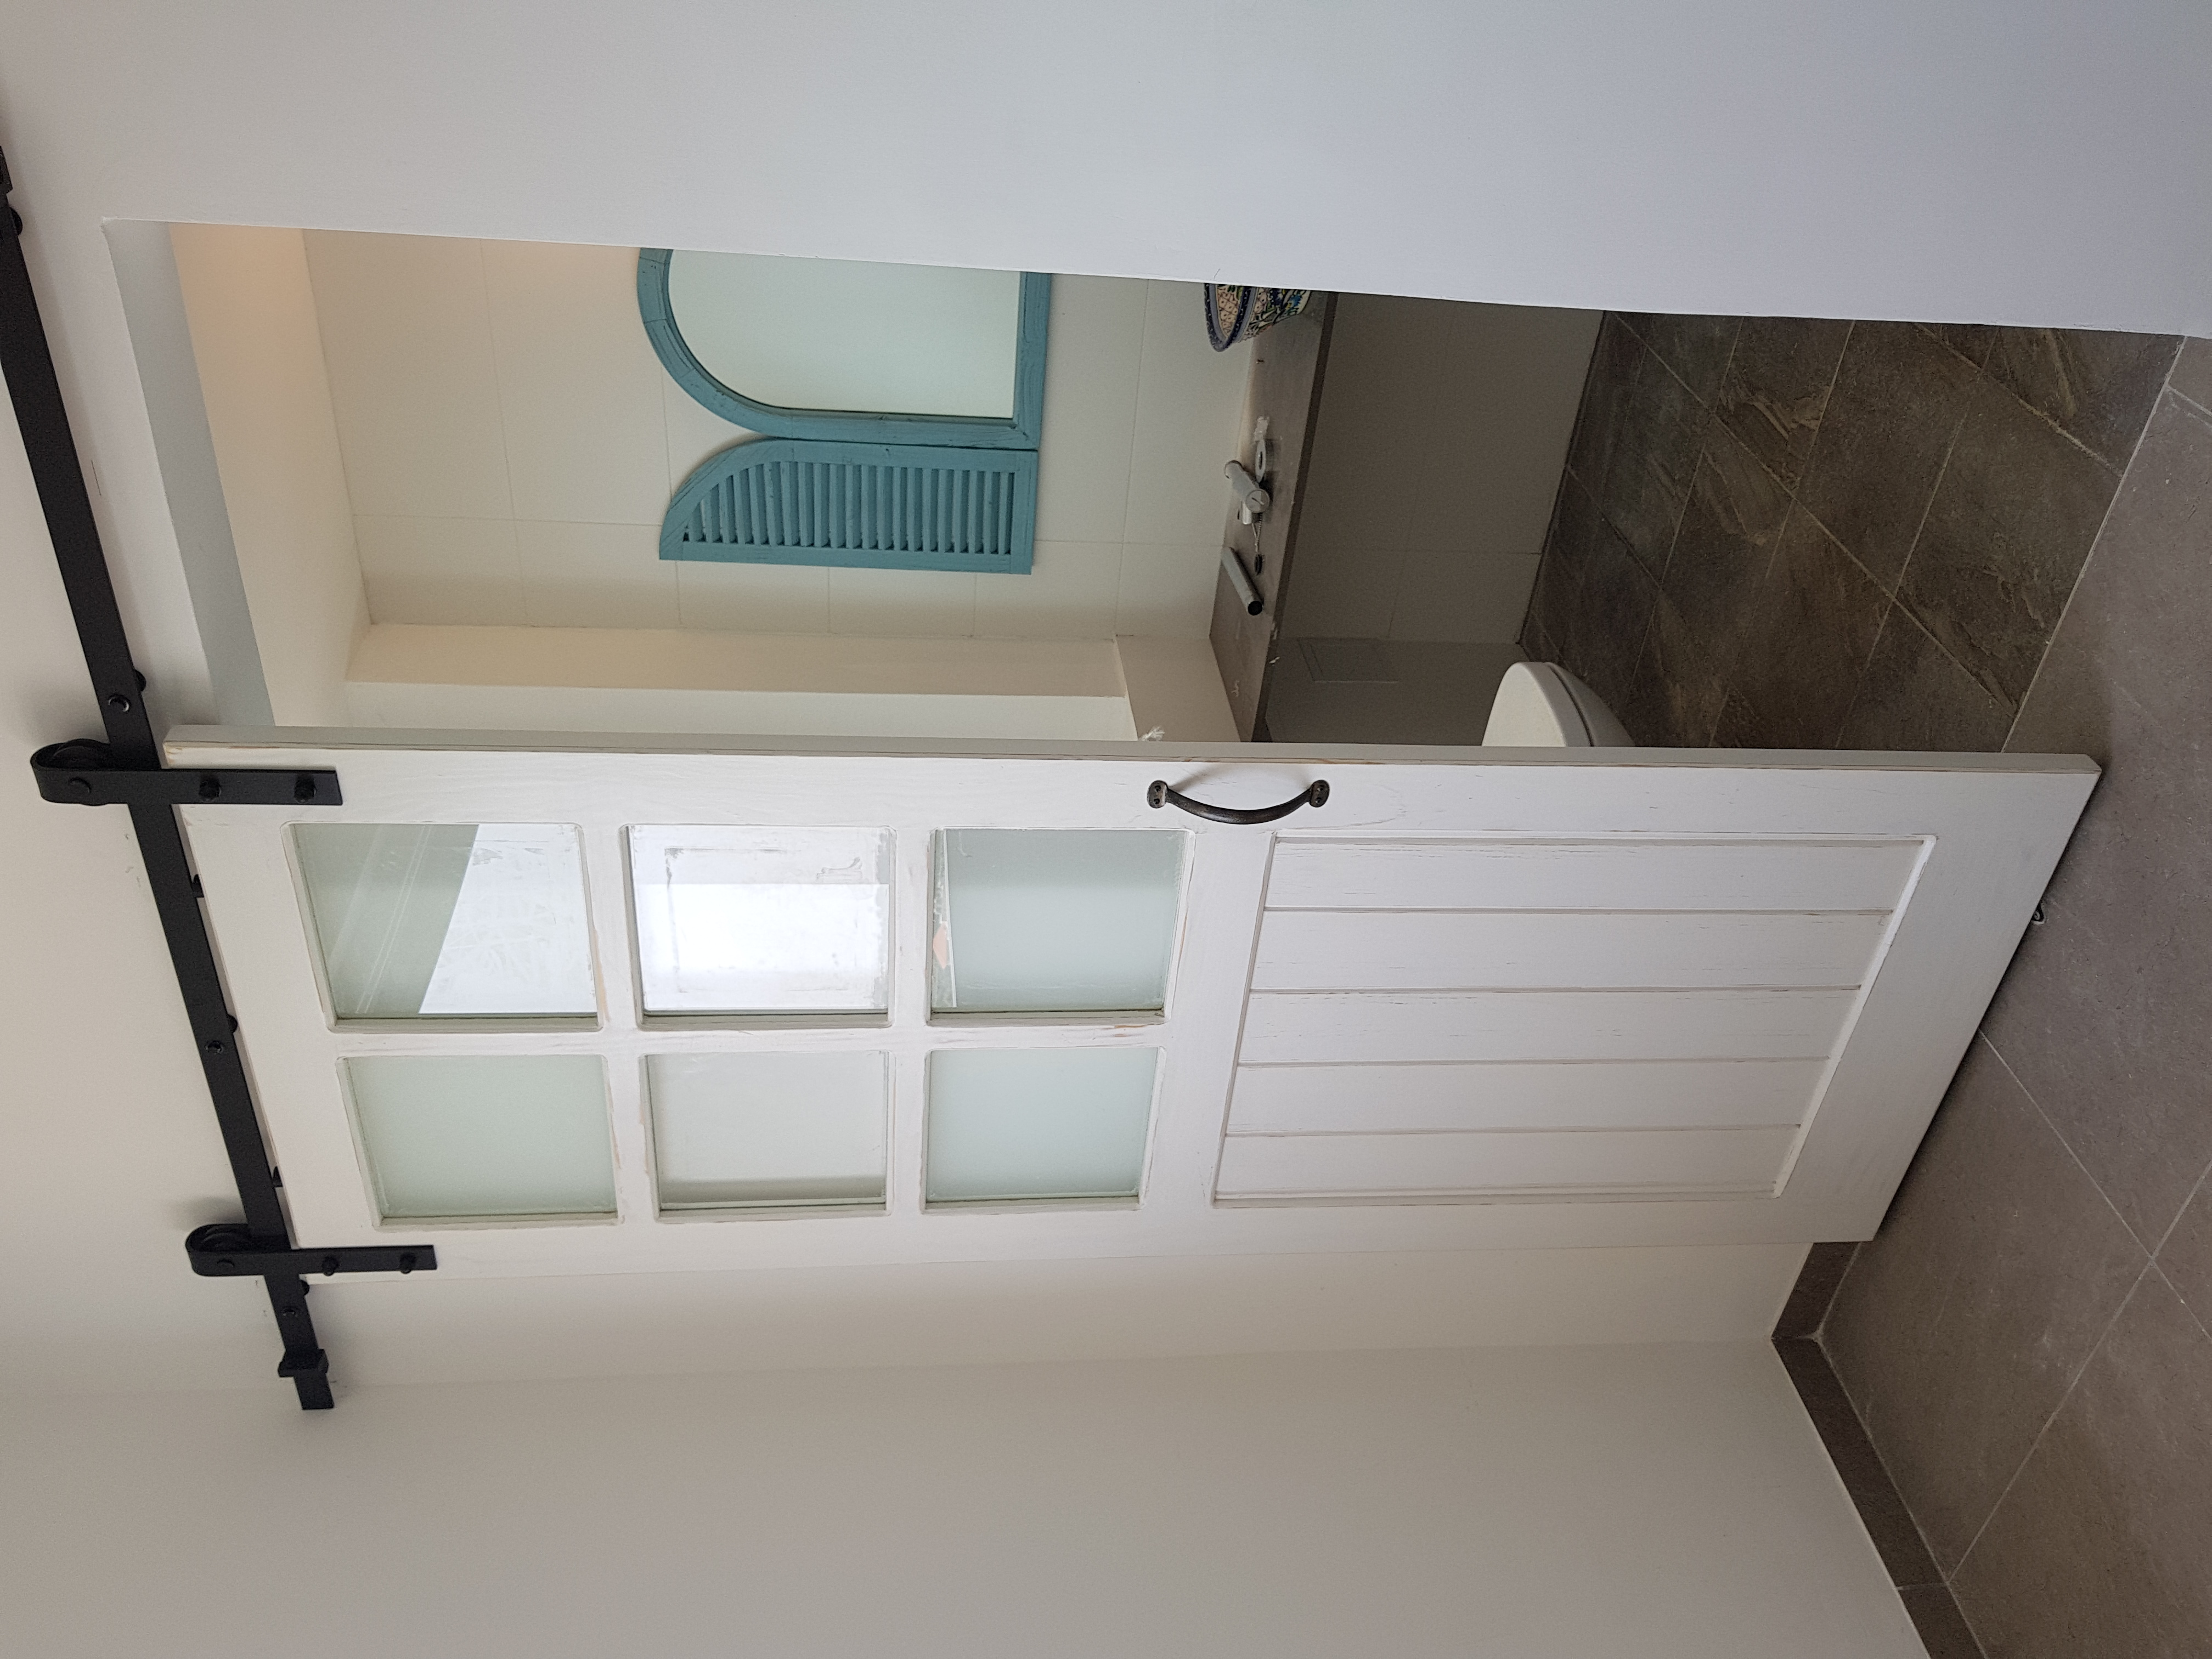 דלת אסם בשילוב זכוכיות בגימור לבן וו